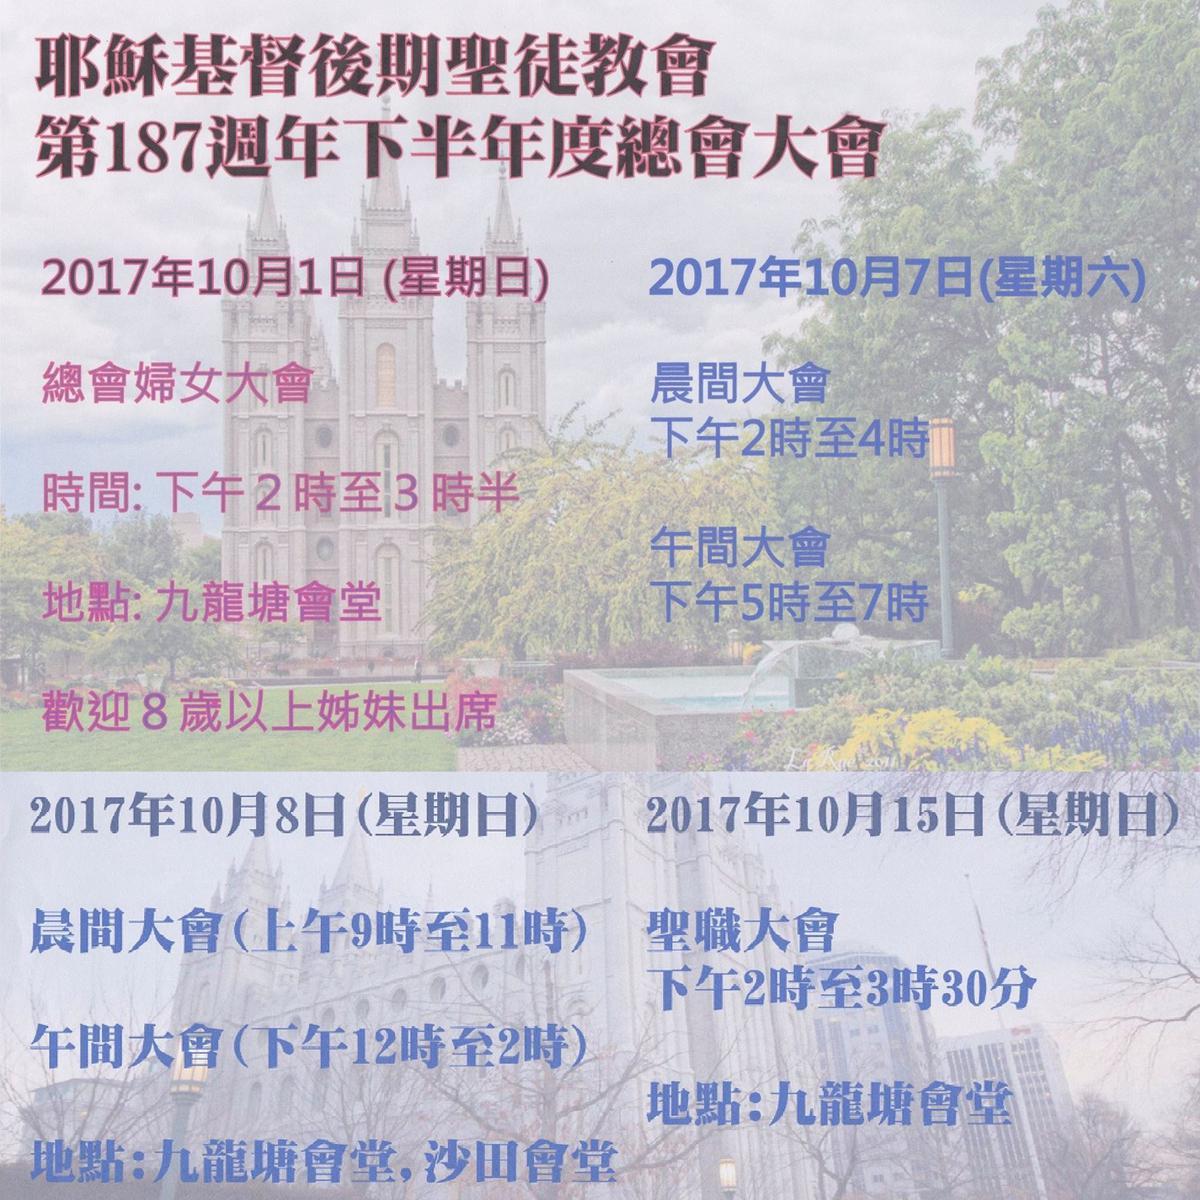 香港獅子山支聯會187 週年下半年度總會大會轉播